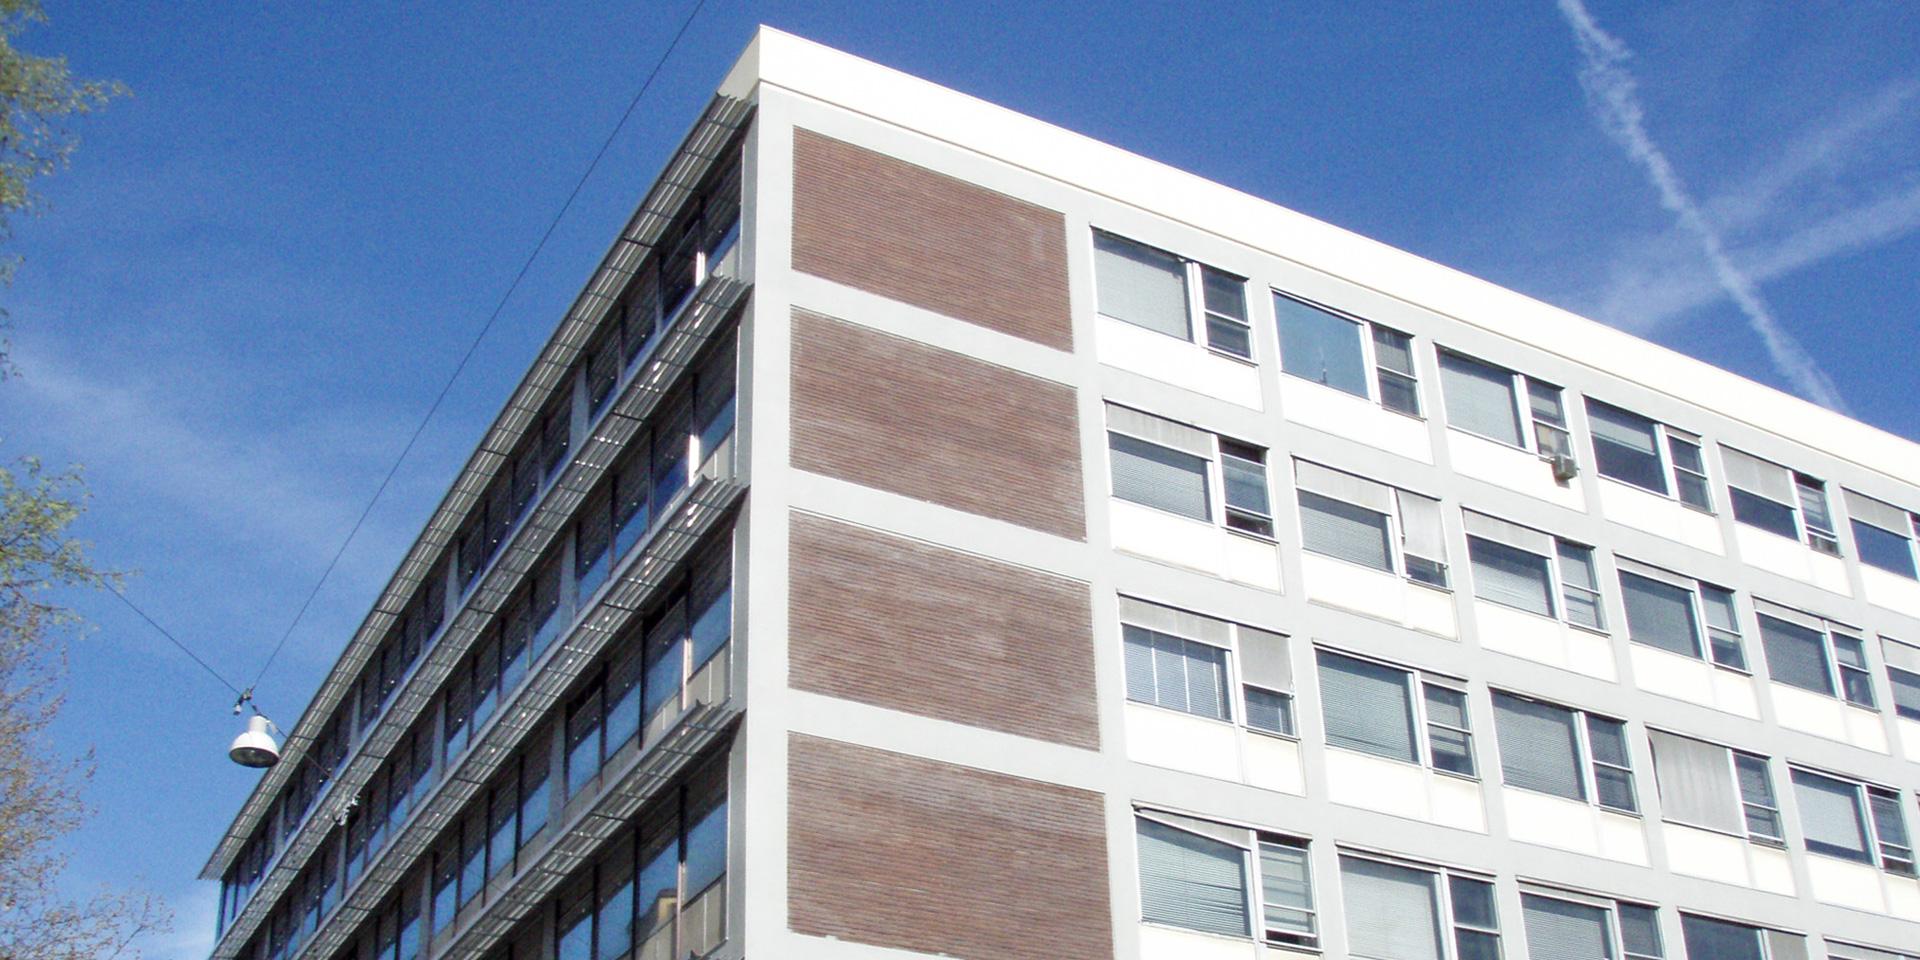 Generali Real Estate, Binini Partners, Società di architettura e ingegneria